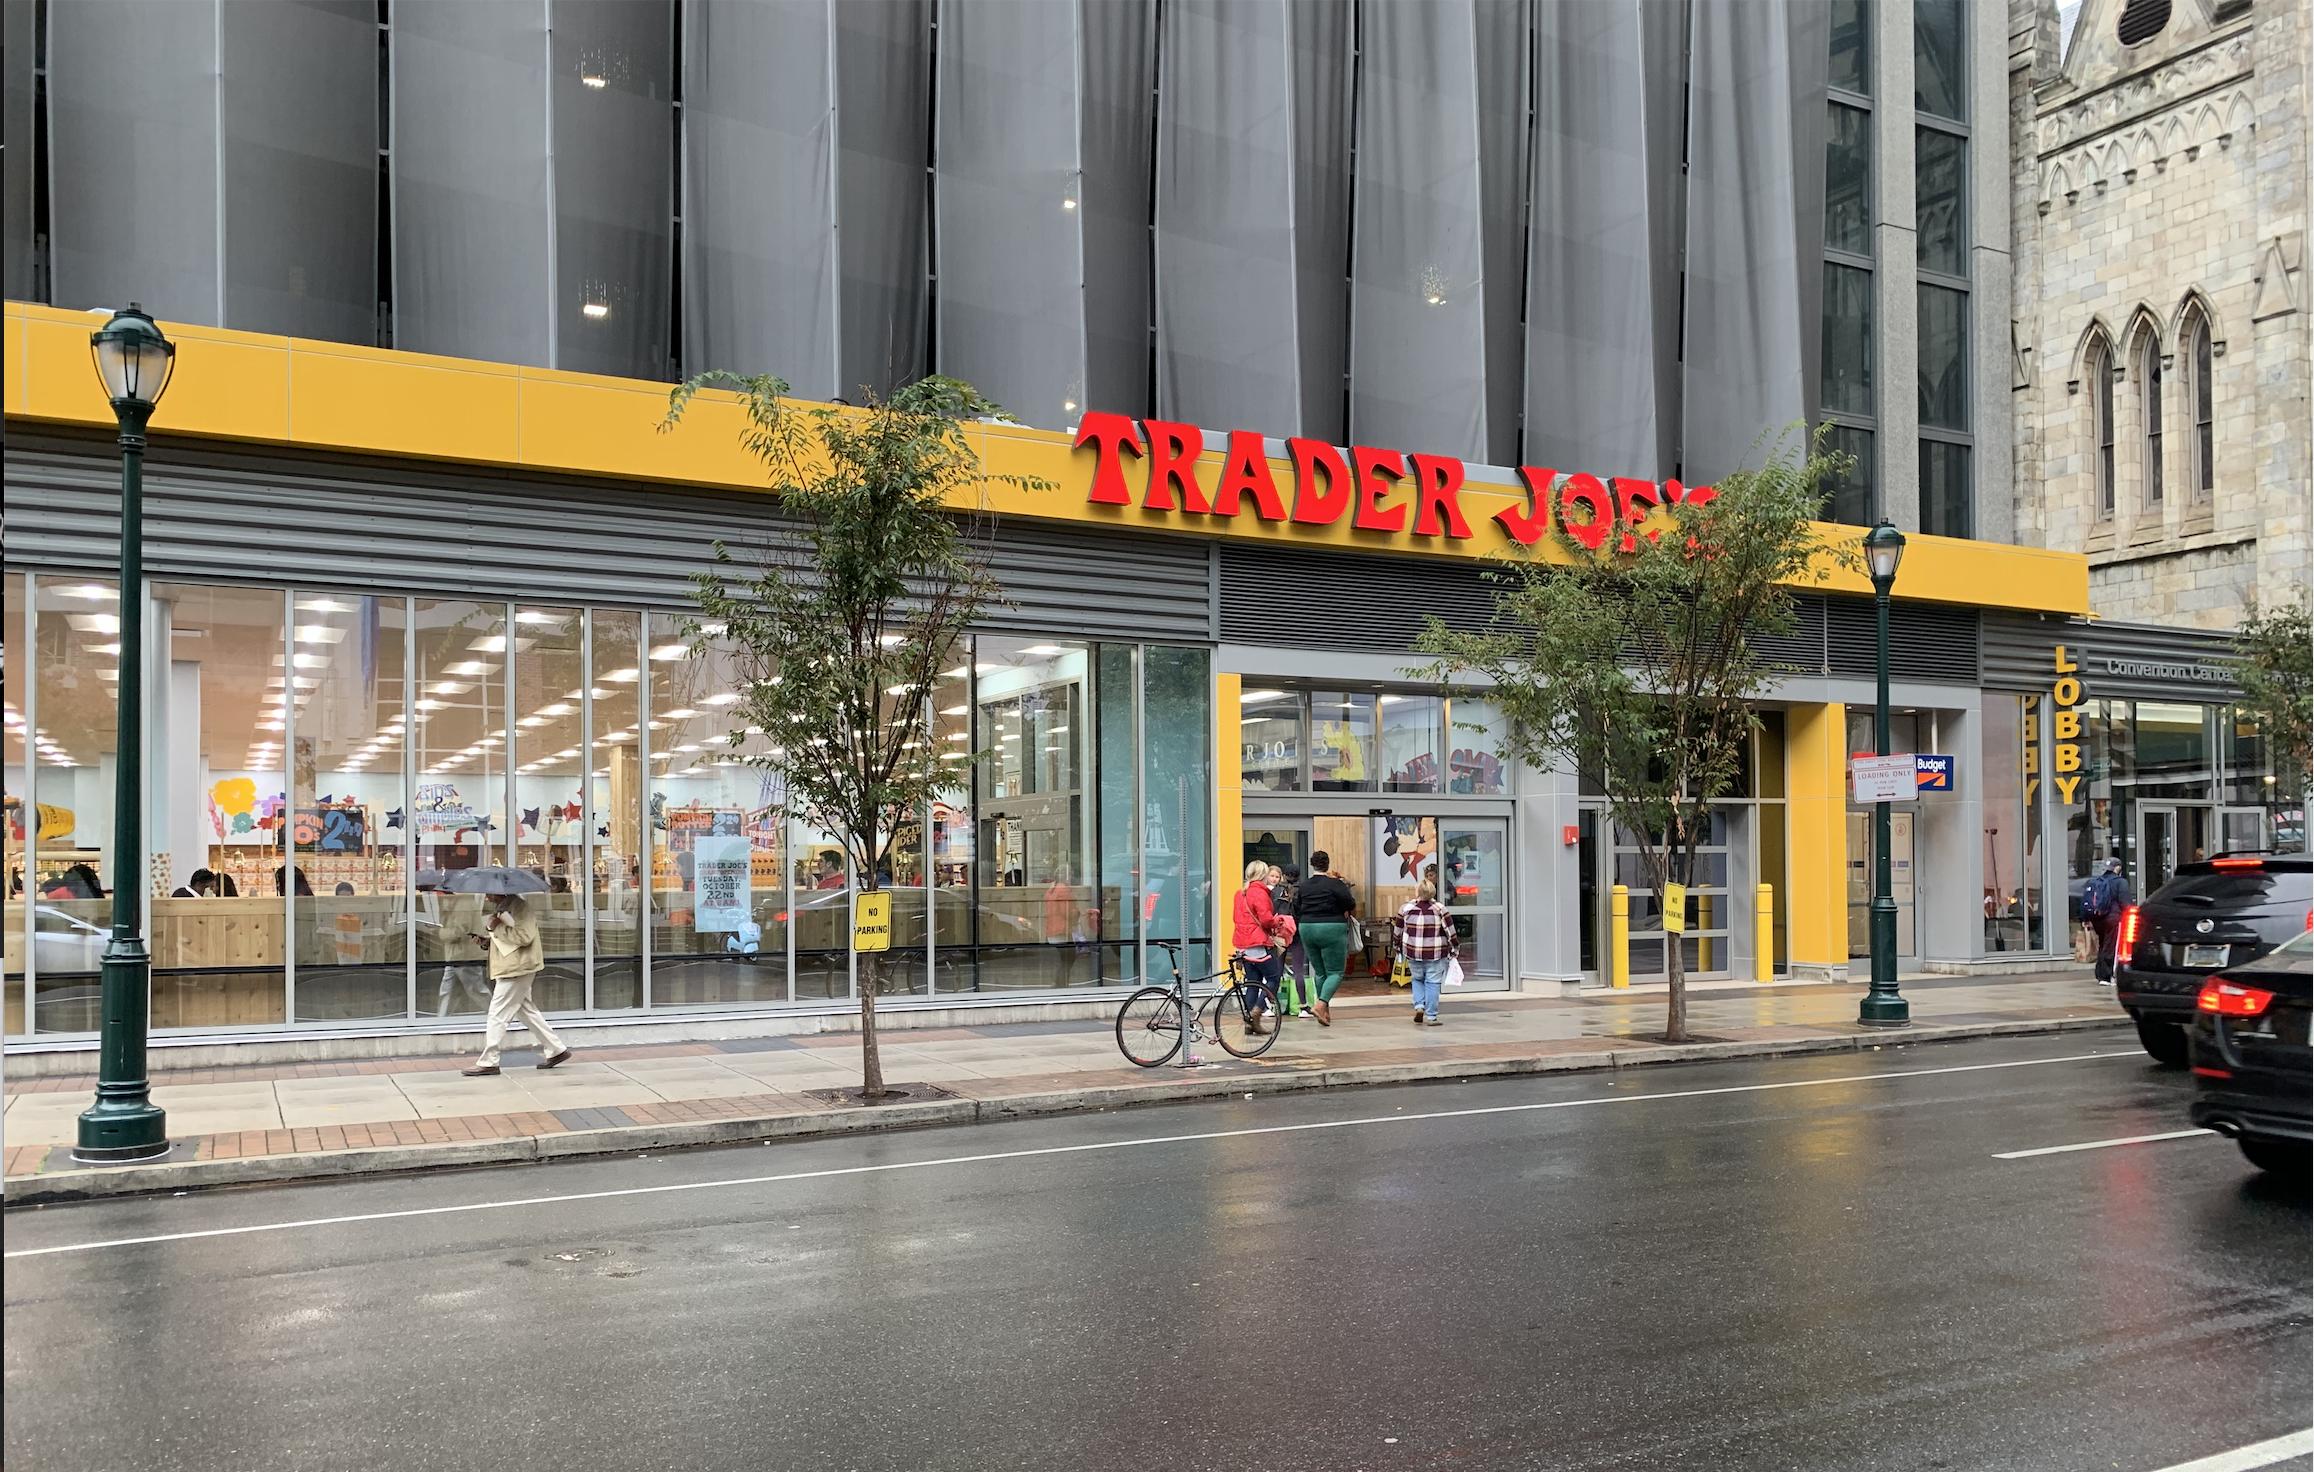 trader_joes_center city.jpg